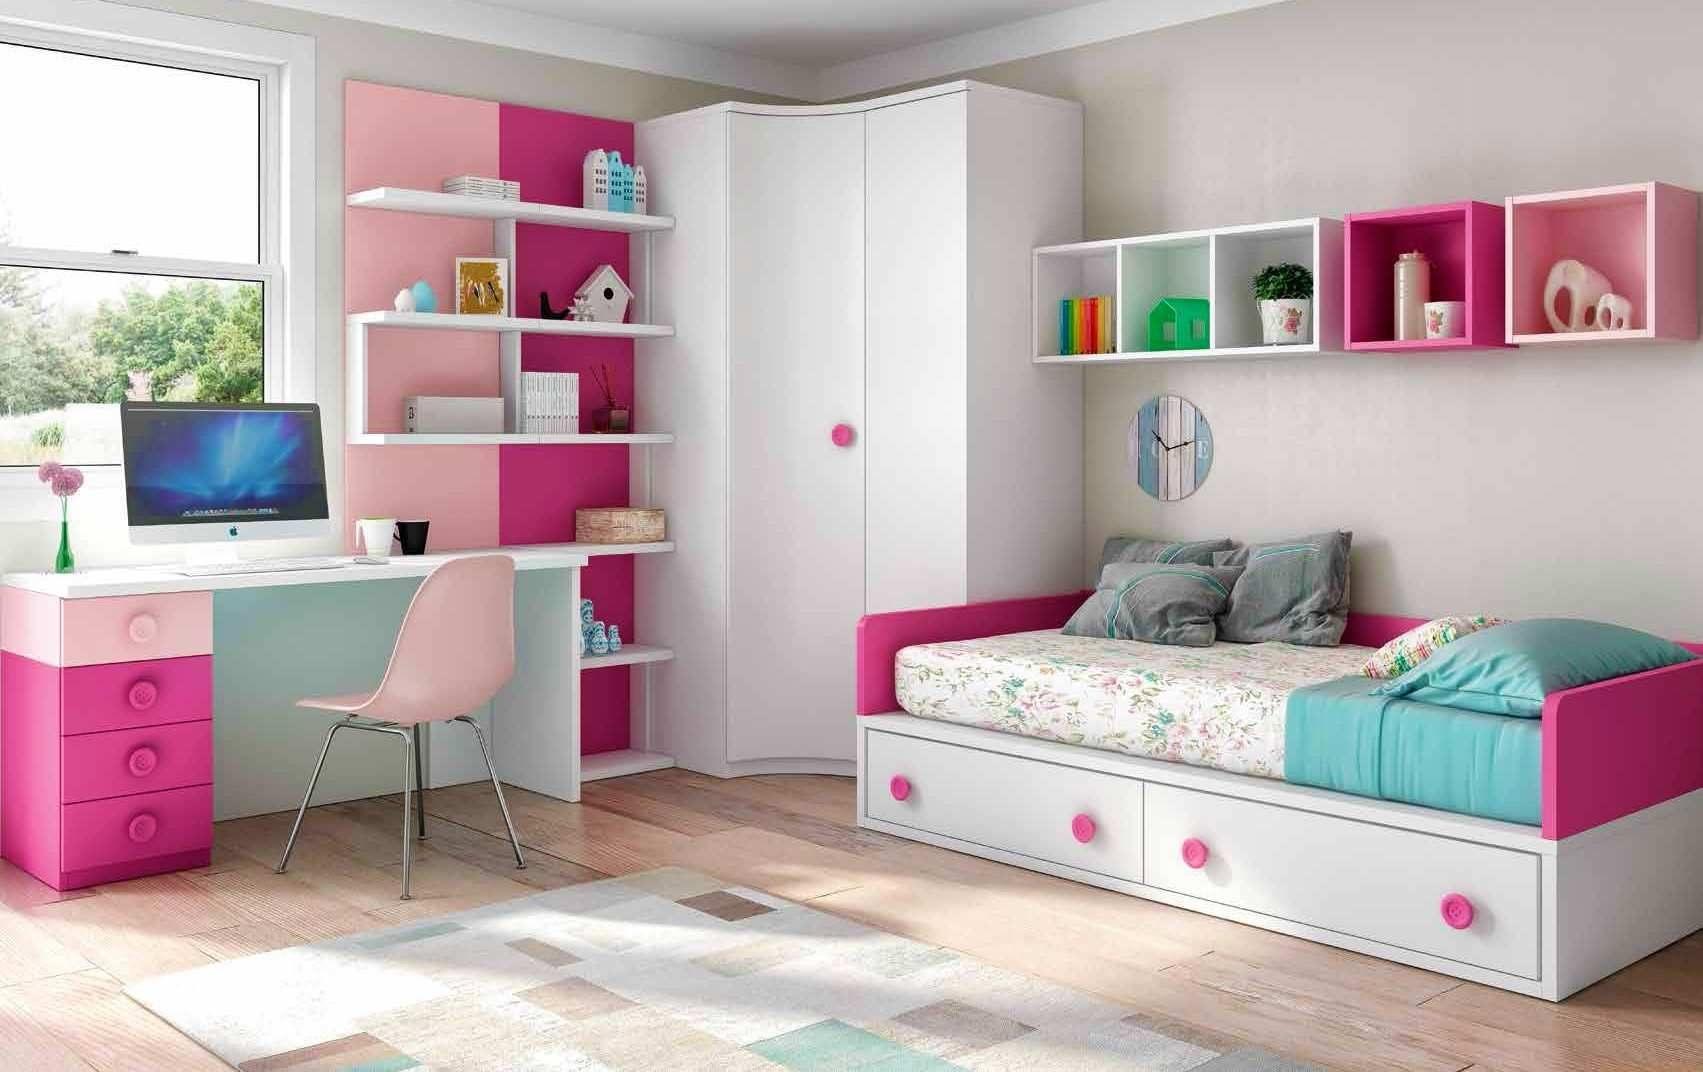 Lit Pour Enfant De 3 Ans Agréable Chambre Enfant 10 Ans Inspirational Decoration Chambre Fille 10 Ans